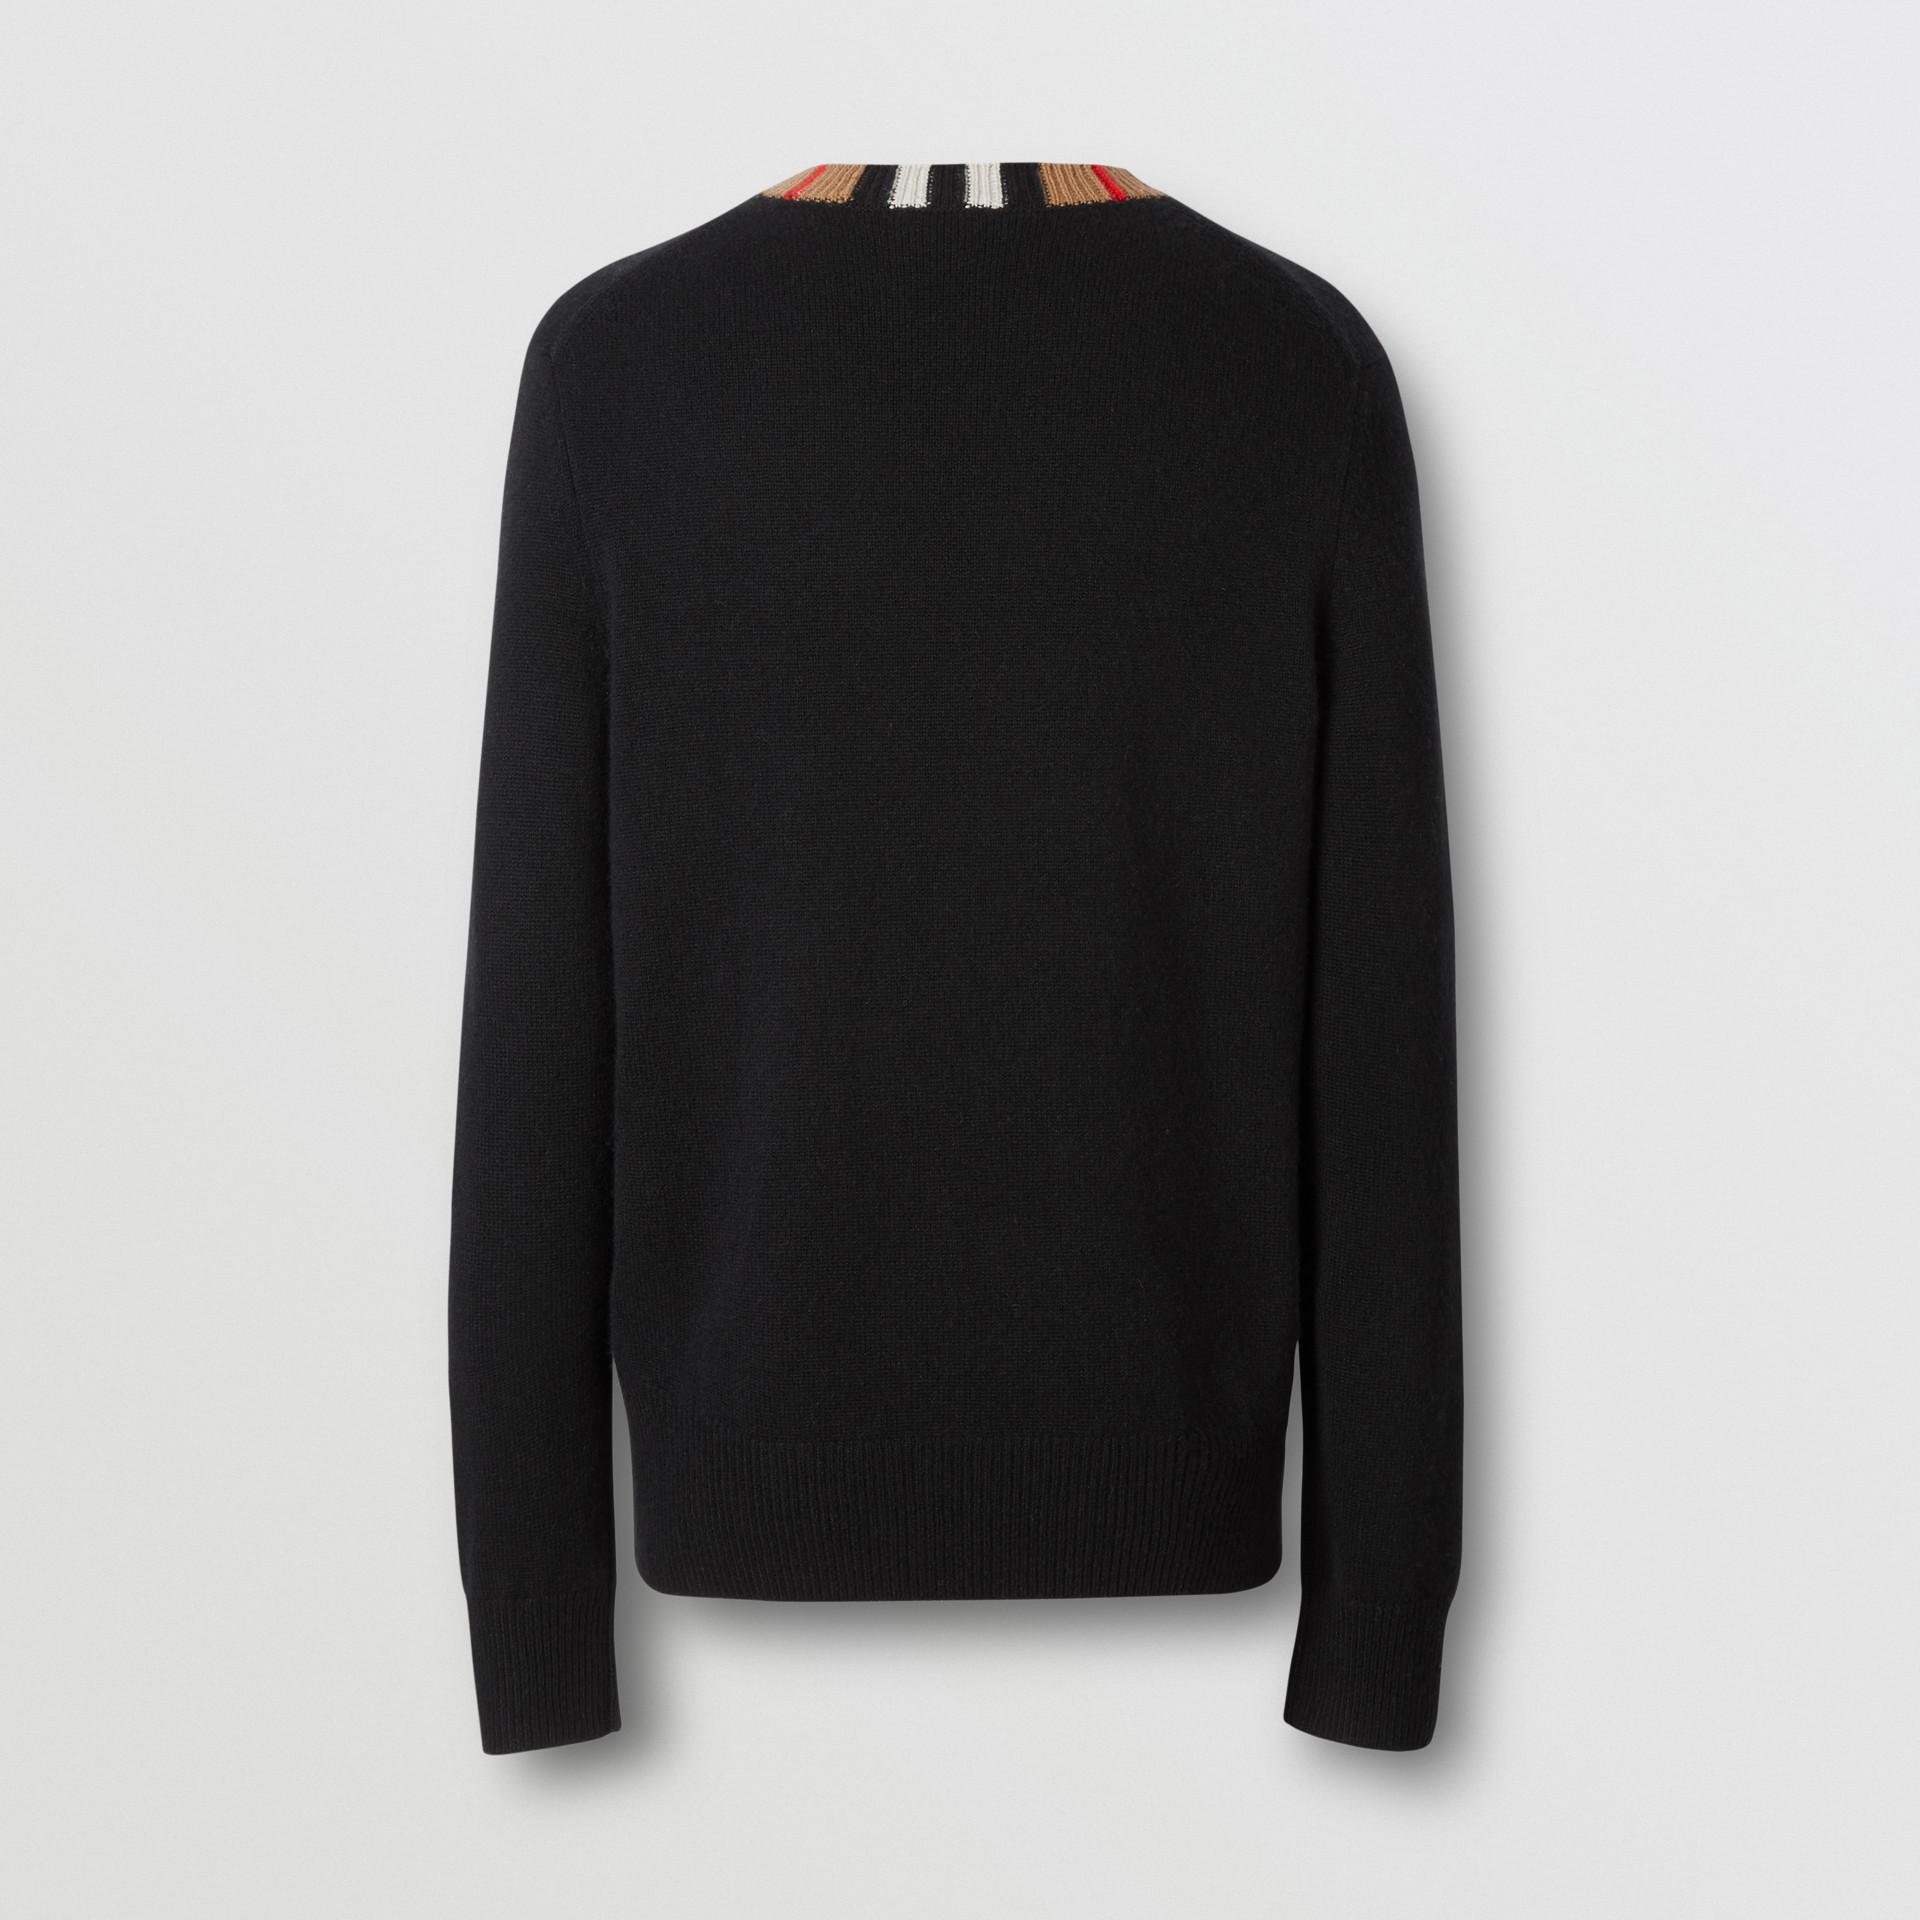 Jersey en cachemir con detalle a rayas Icon Stripe (Negro) - Hombre | Burberry - imagen de la galería 6